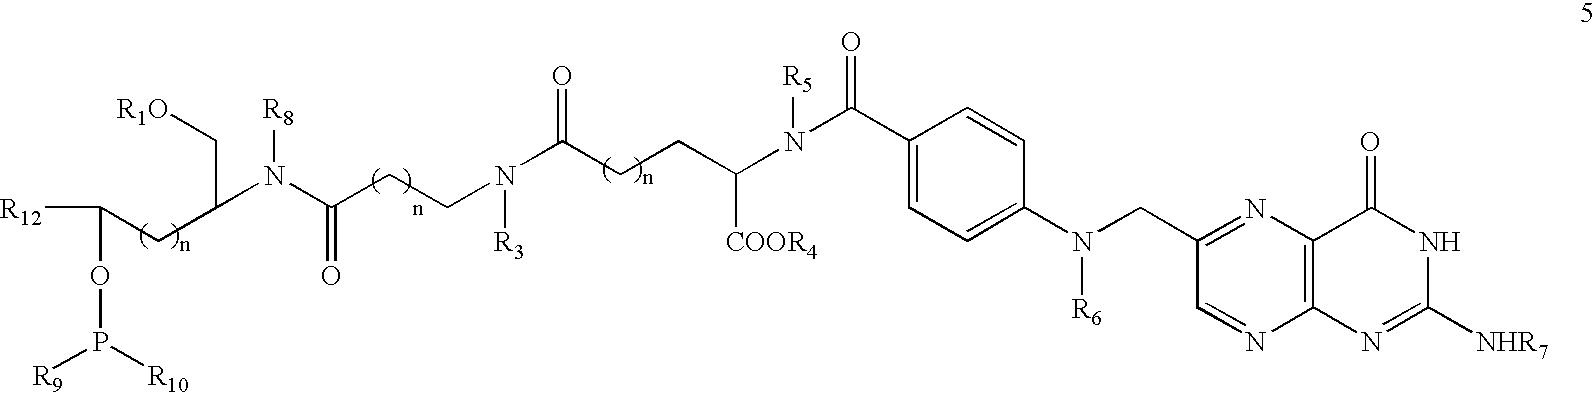 Figure US20050020525A1-20050127-C00012